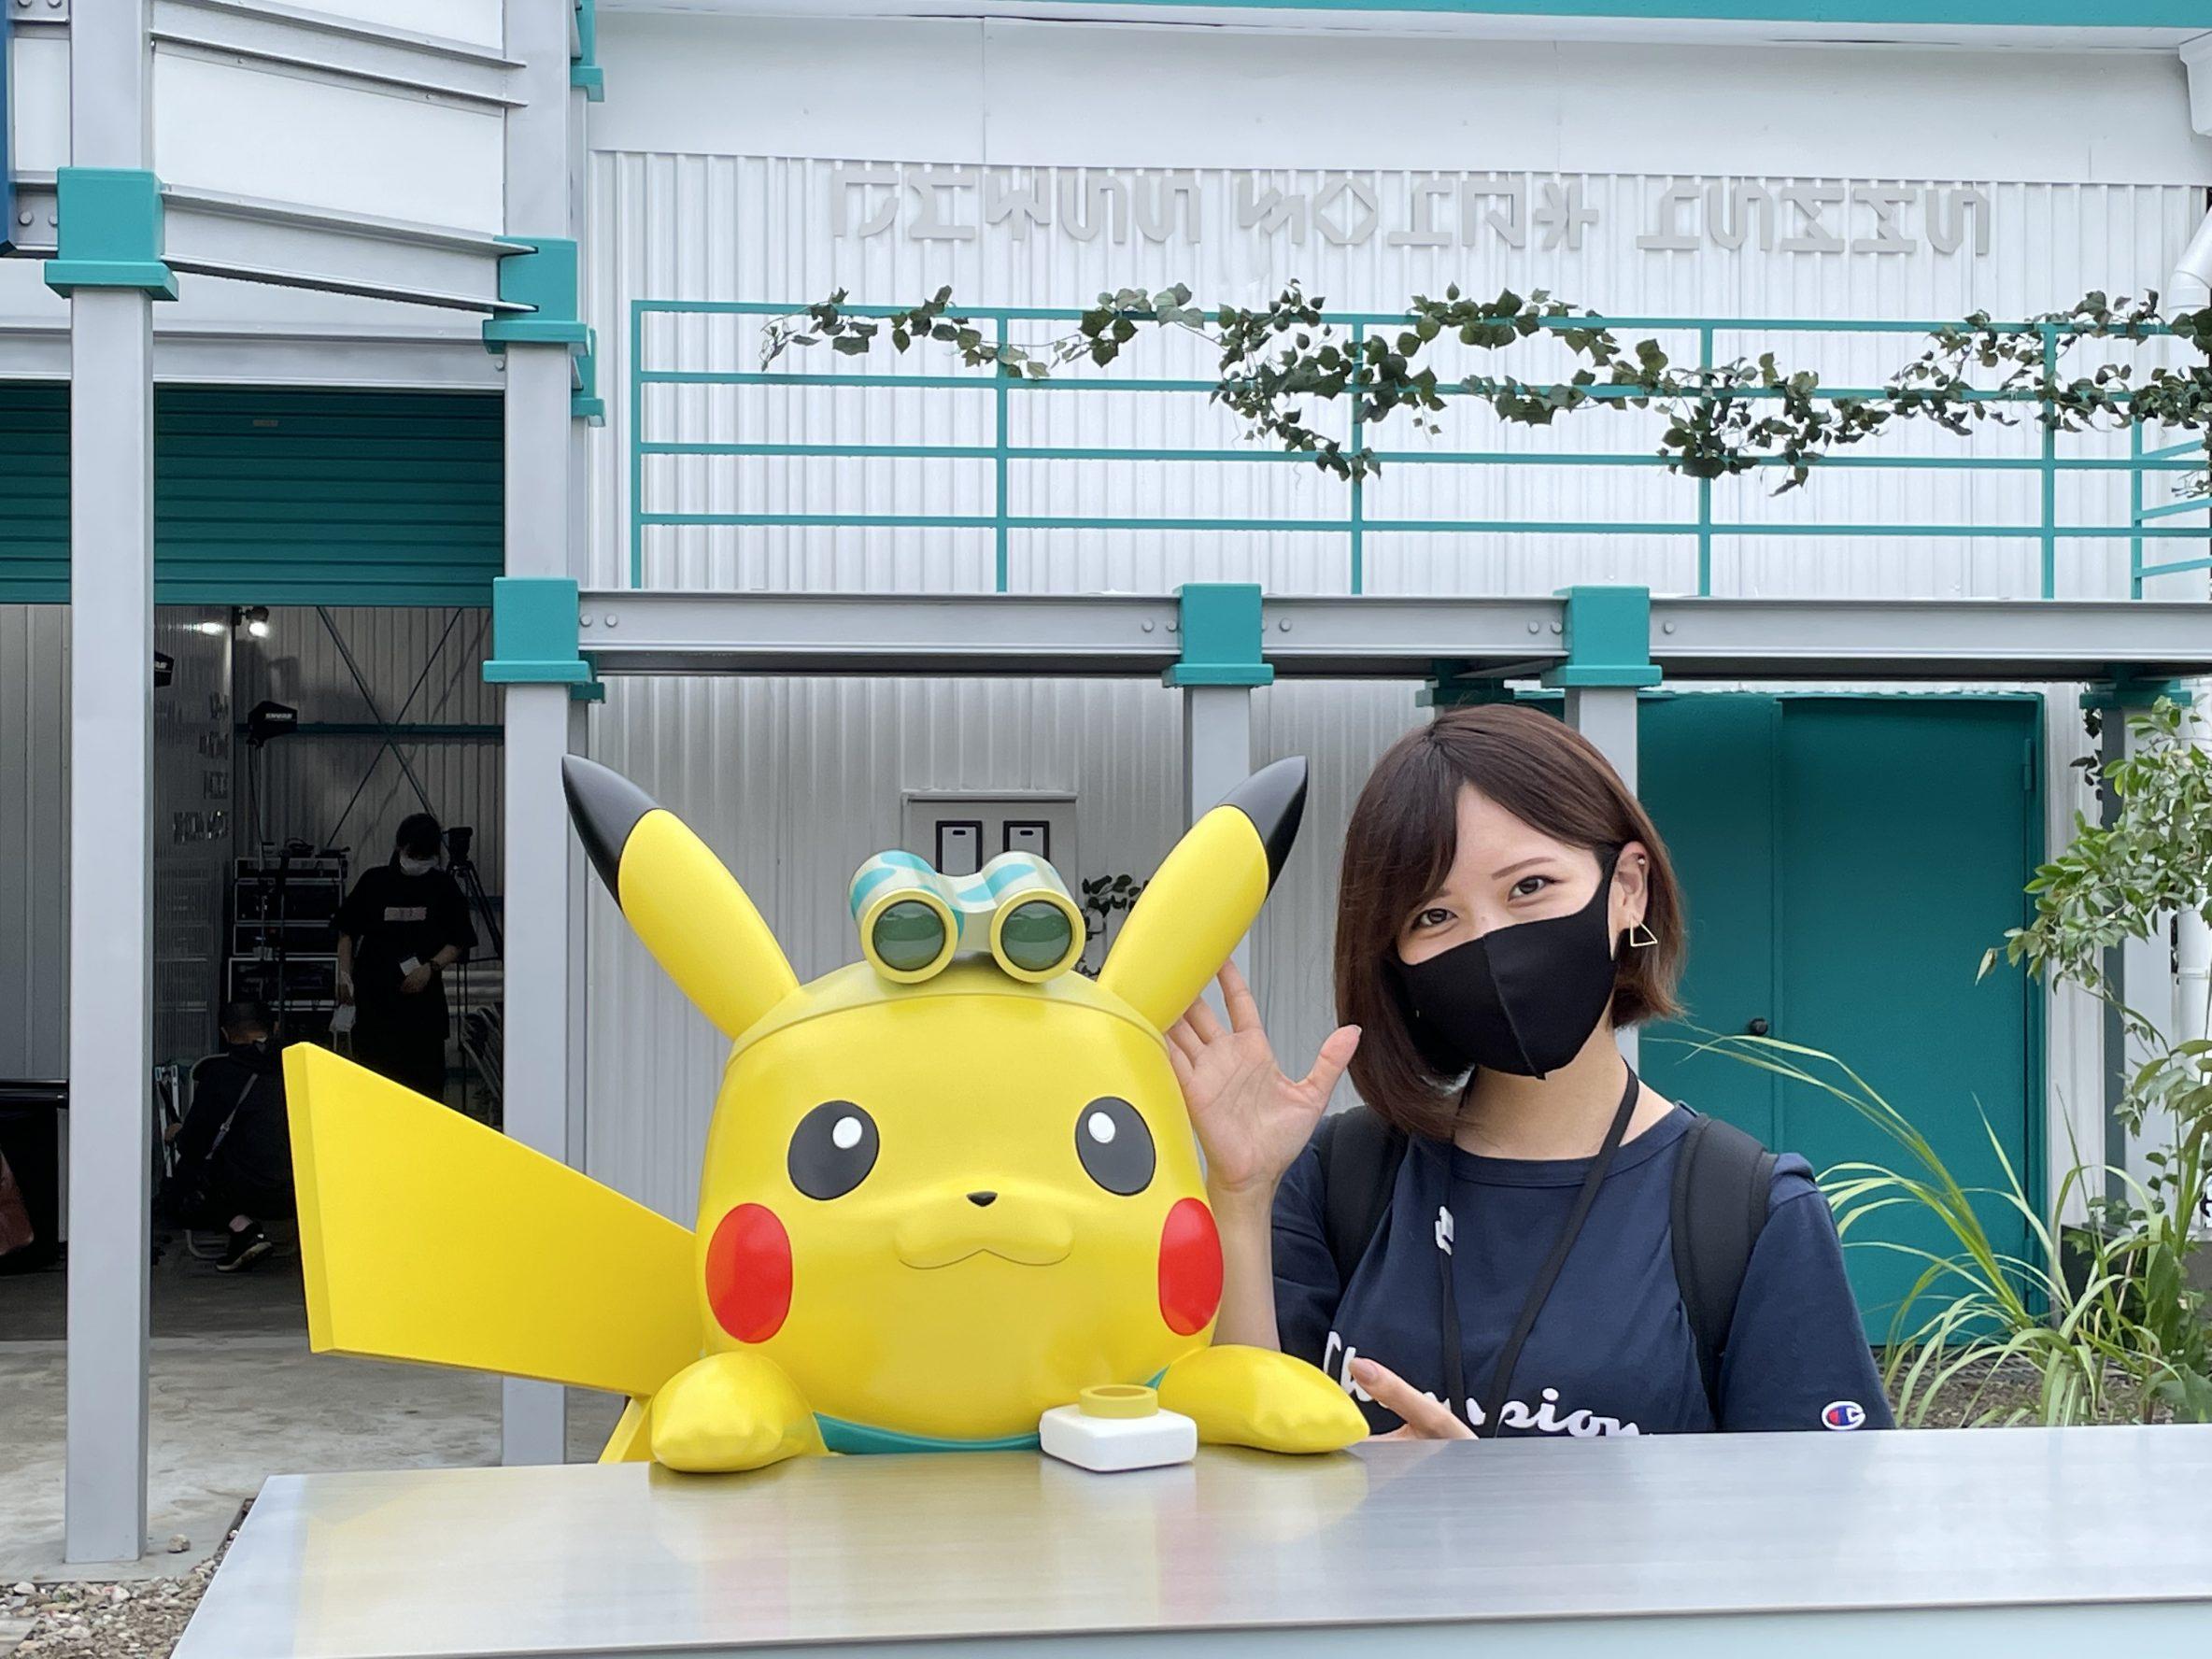 よみうりランド未開エリアで世界初のポケモン探索「Pokémon Wonder」に早速行ってみた!